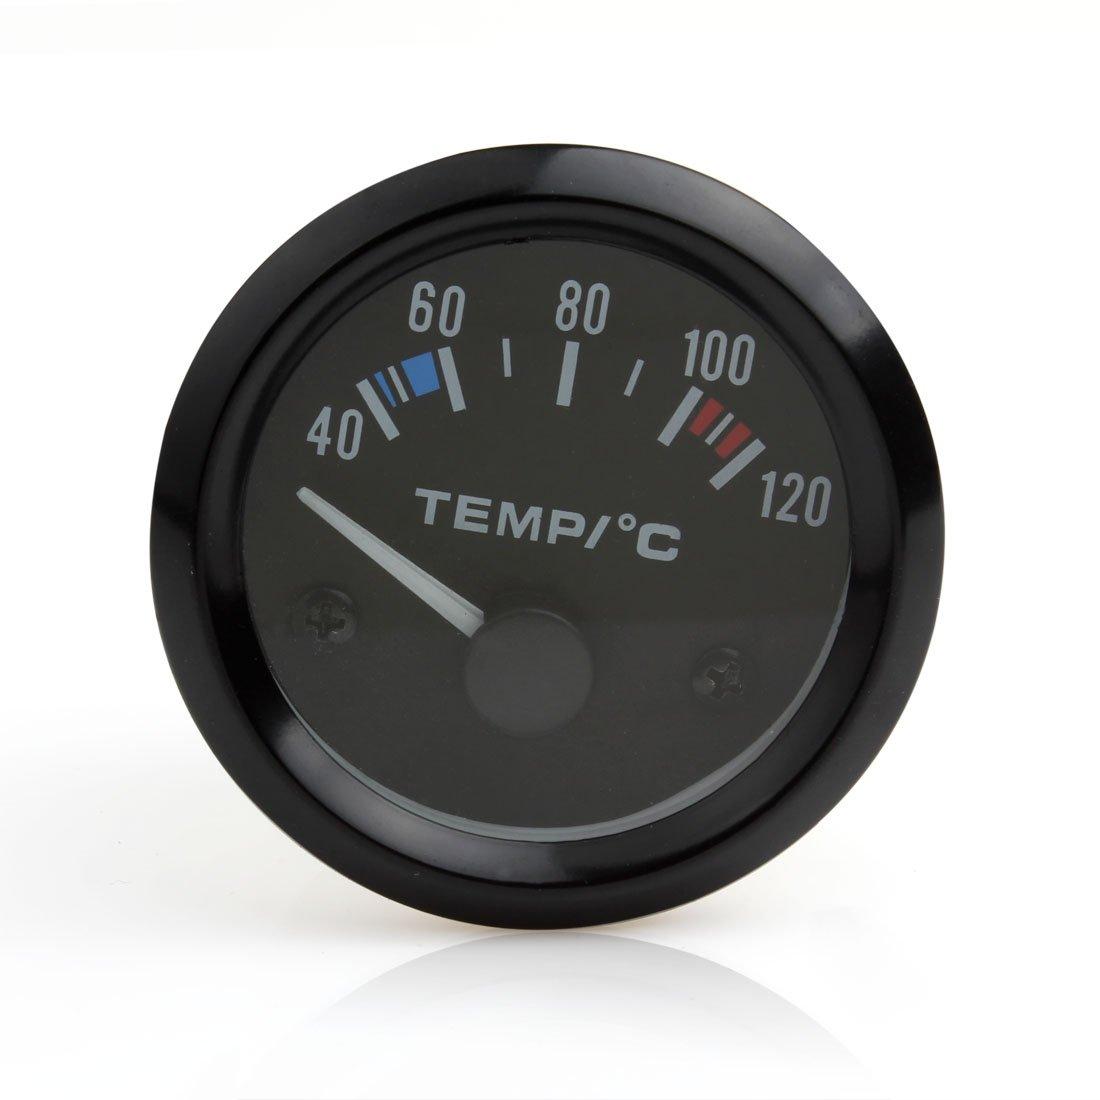 Instrumentos de coche, 12 V, 5 cm, universal, puntero de temperatura del agua del coche, Medidor de temperatura de 40 a 120, LED blanco 12V universal LED blanco EPATH DIRECT